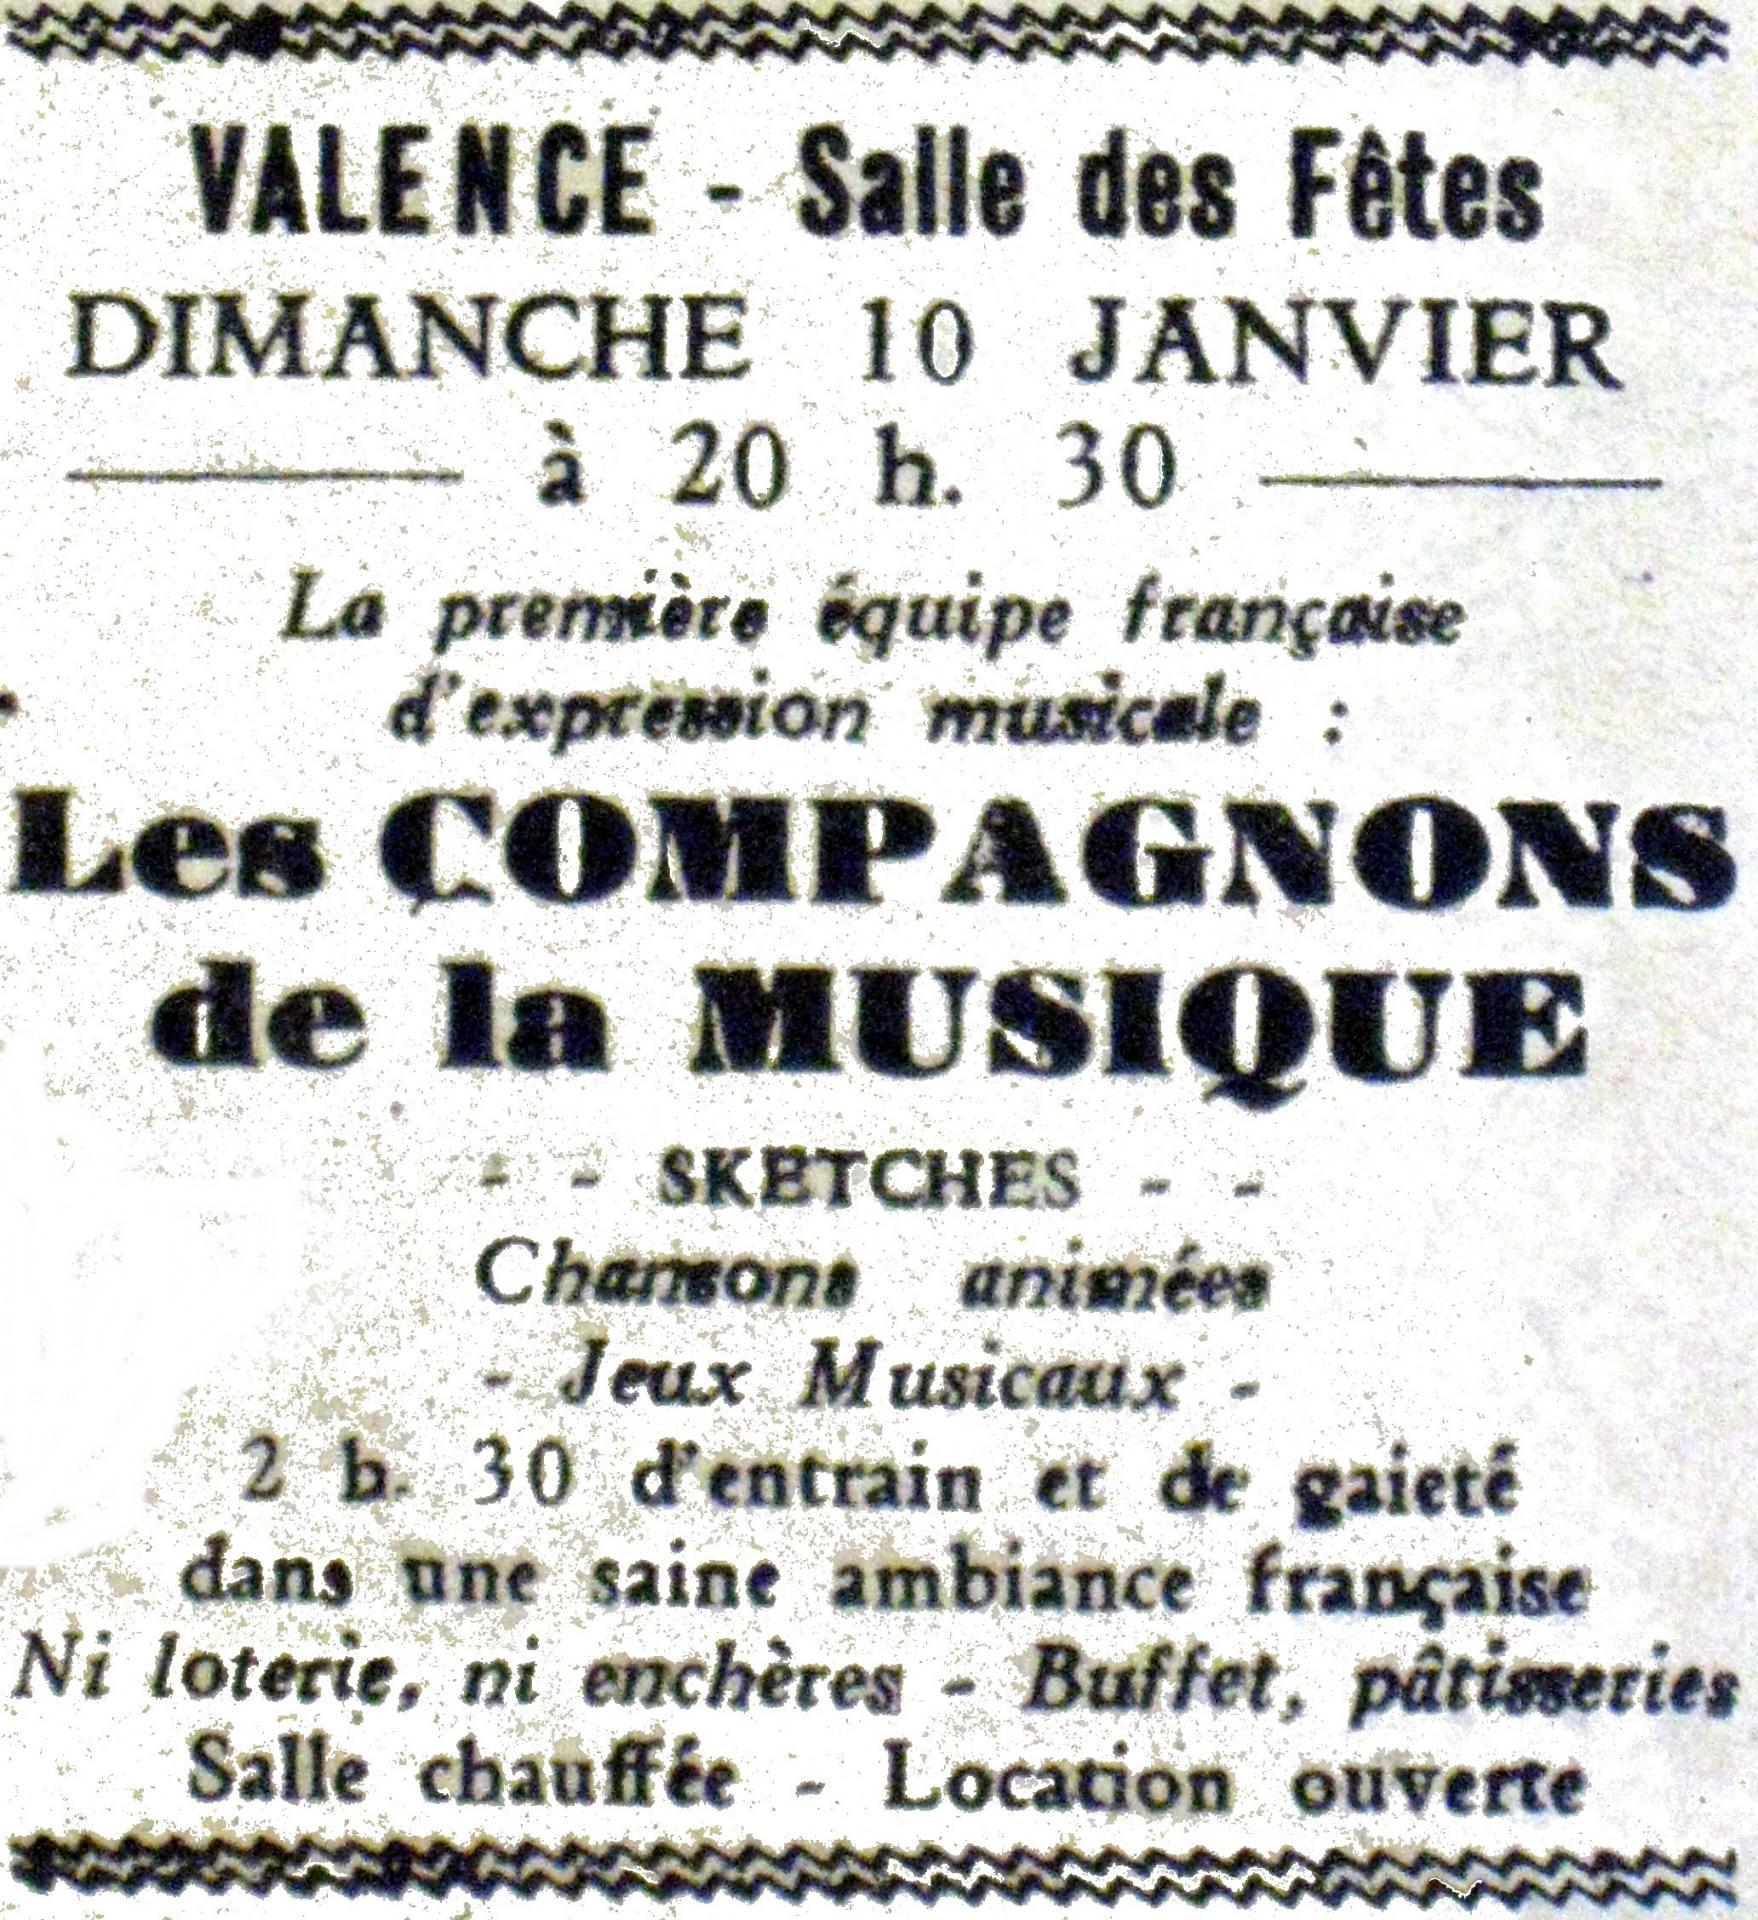 Compagnons de la Musique à Valence